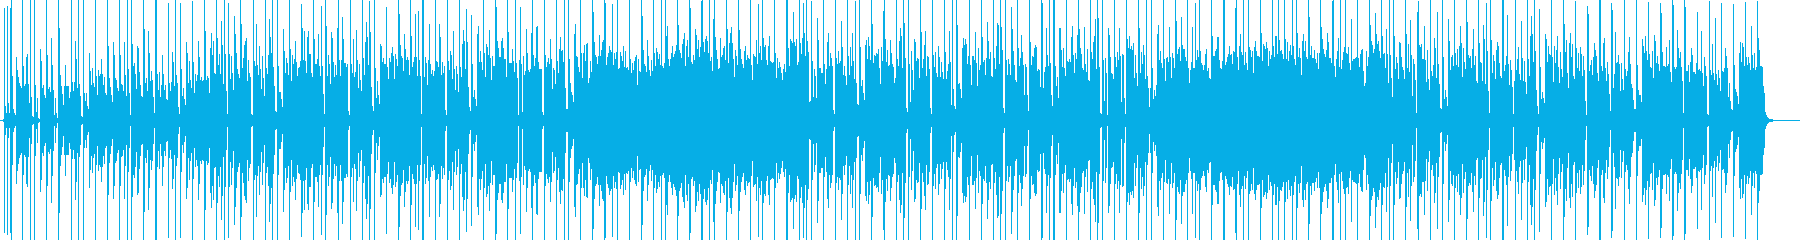 わくわく楽しいファンクポップの再生済みの波形